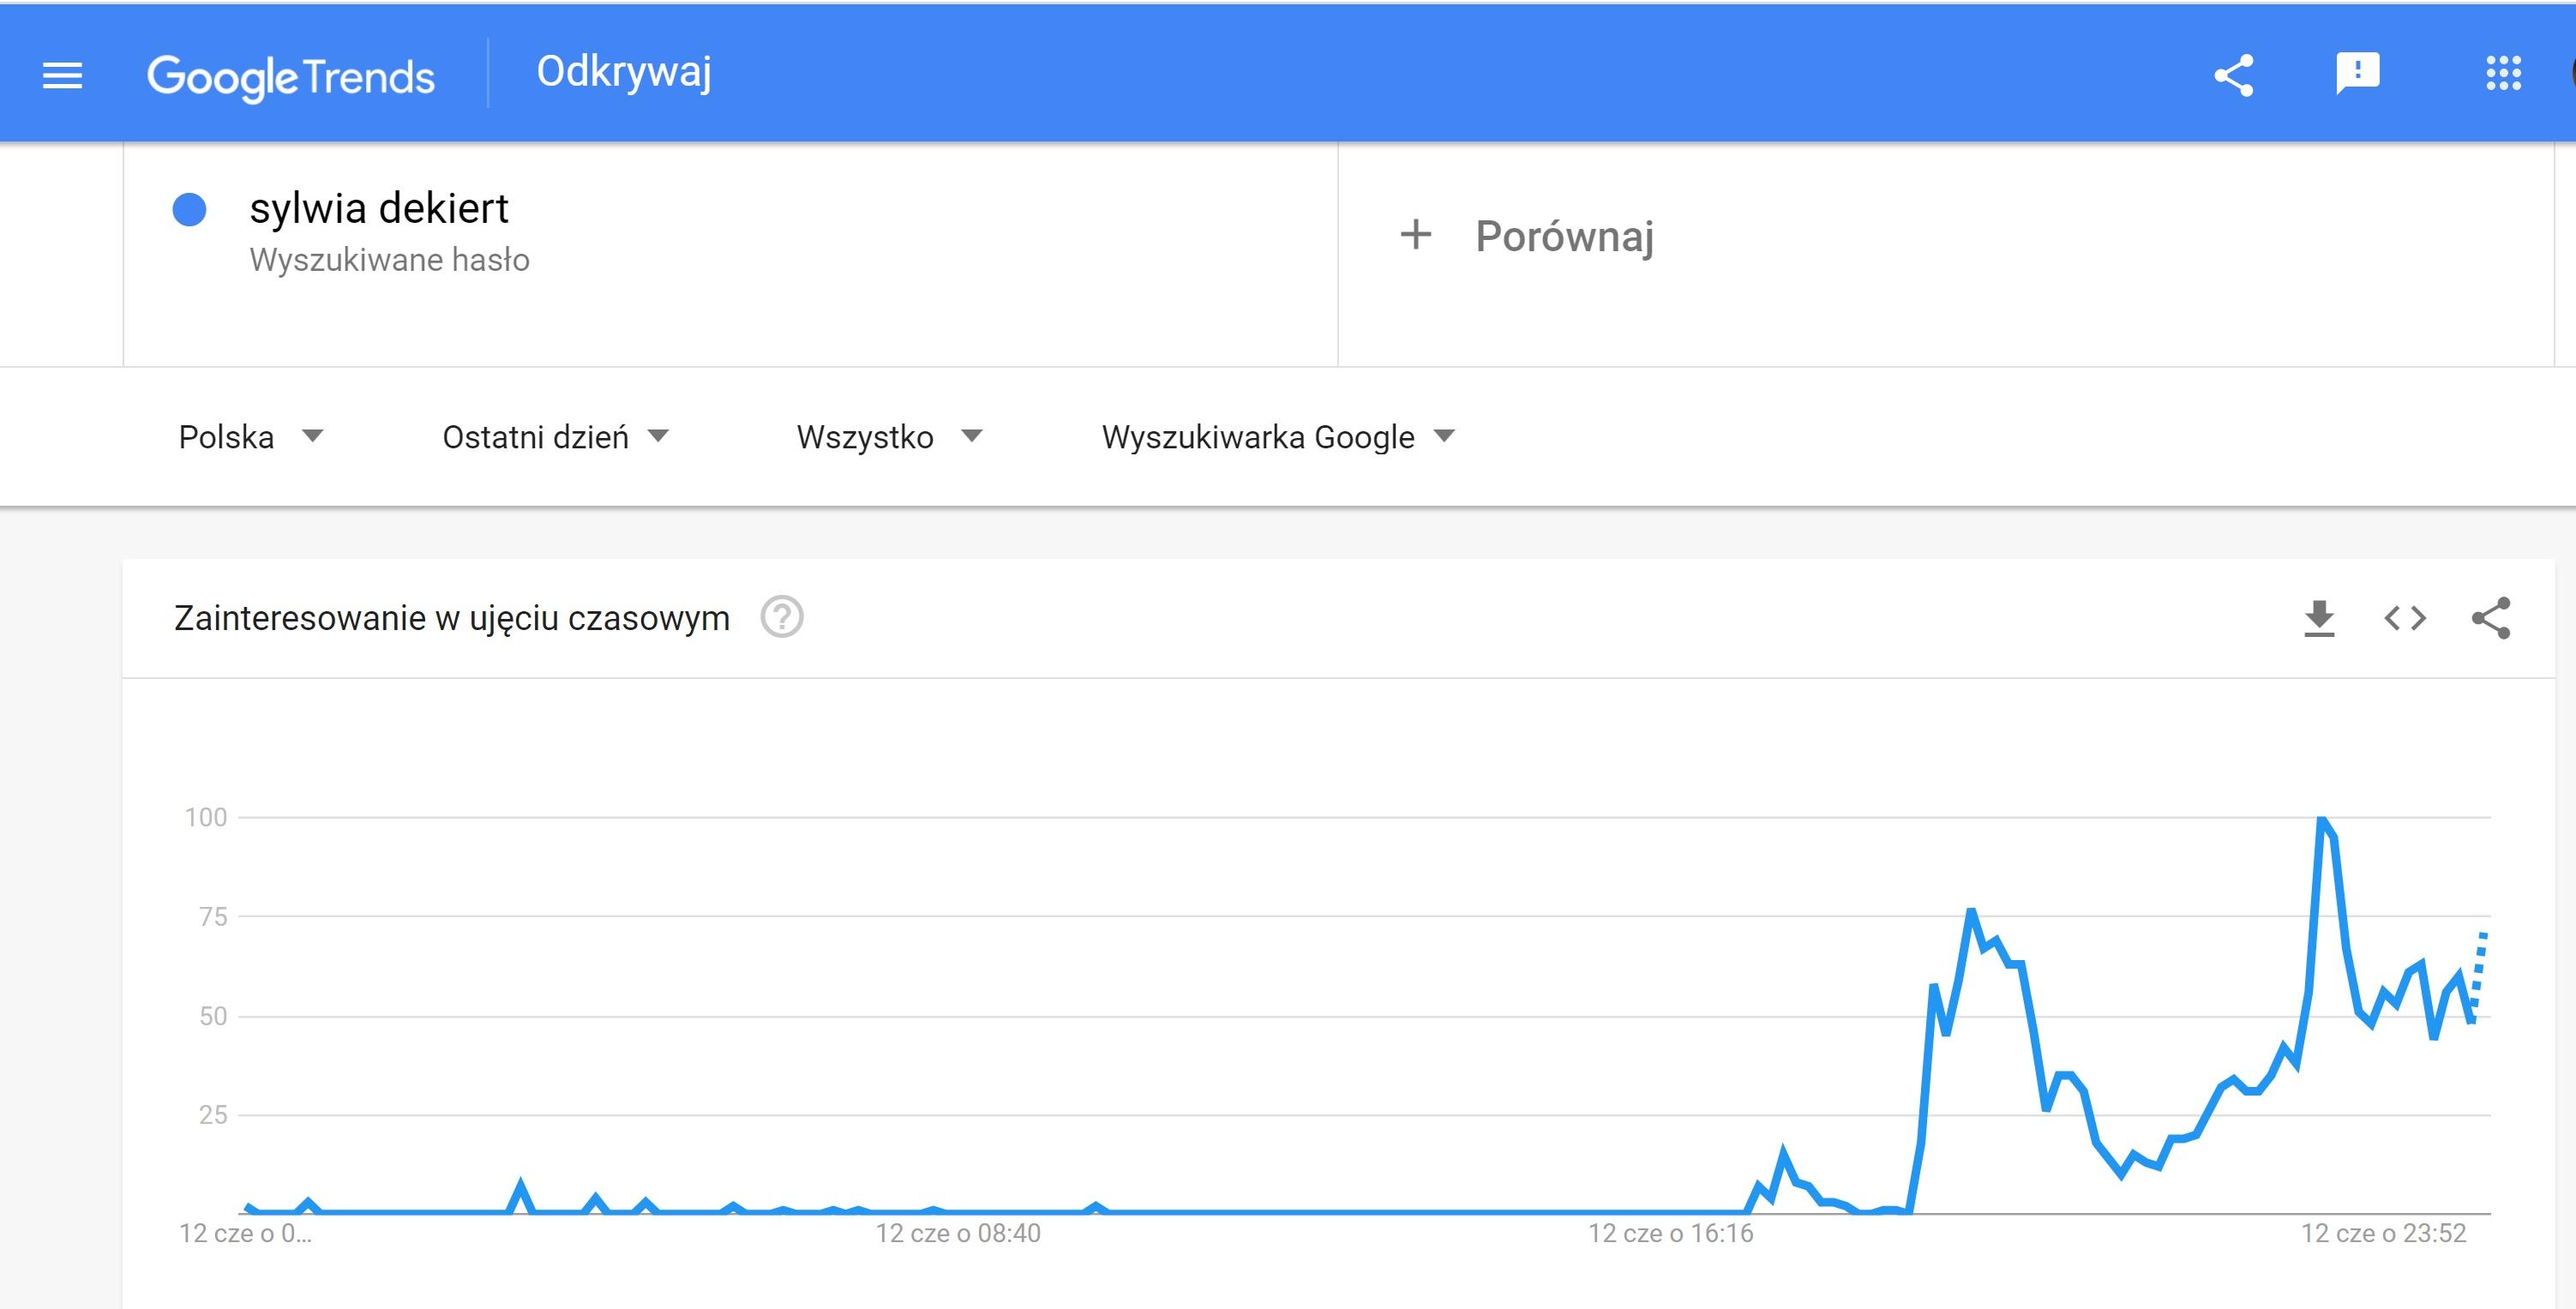 dekiert google trends